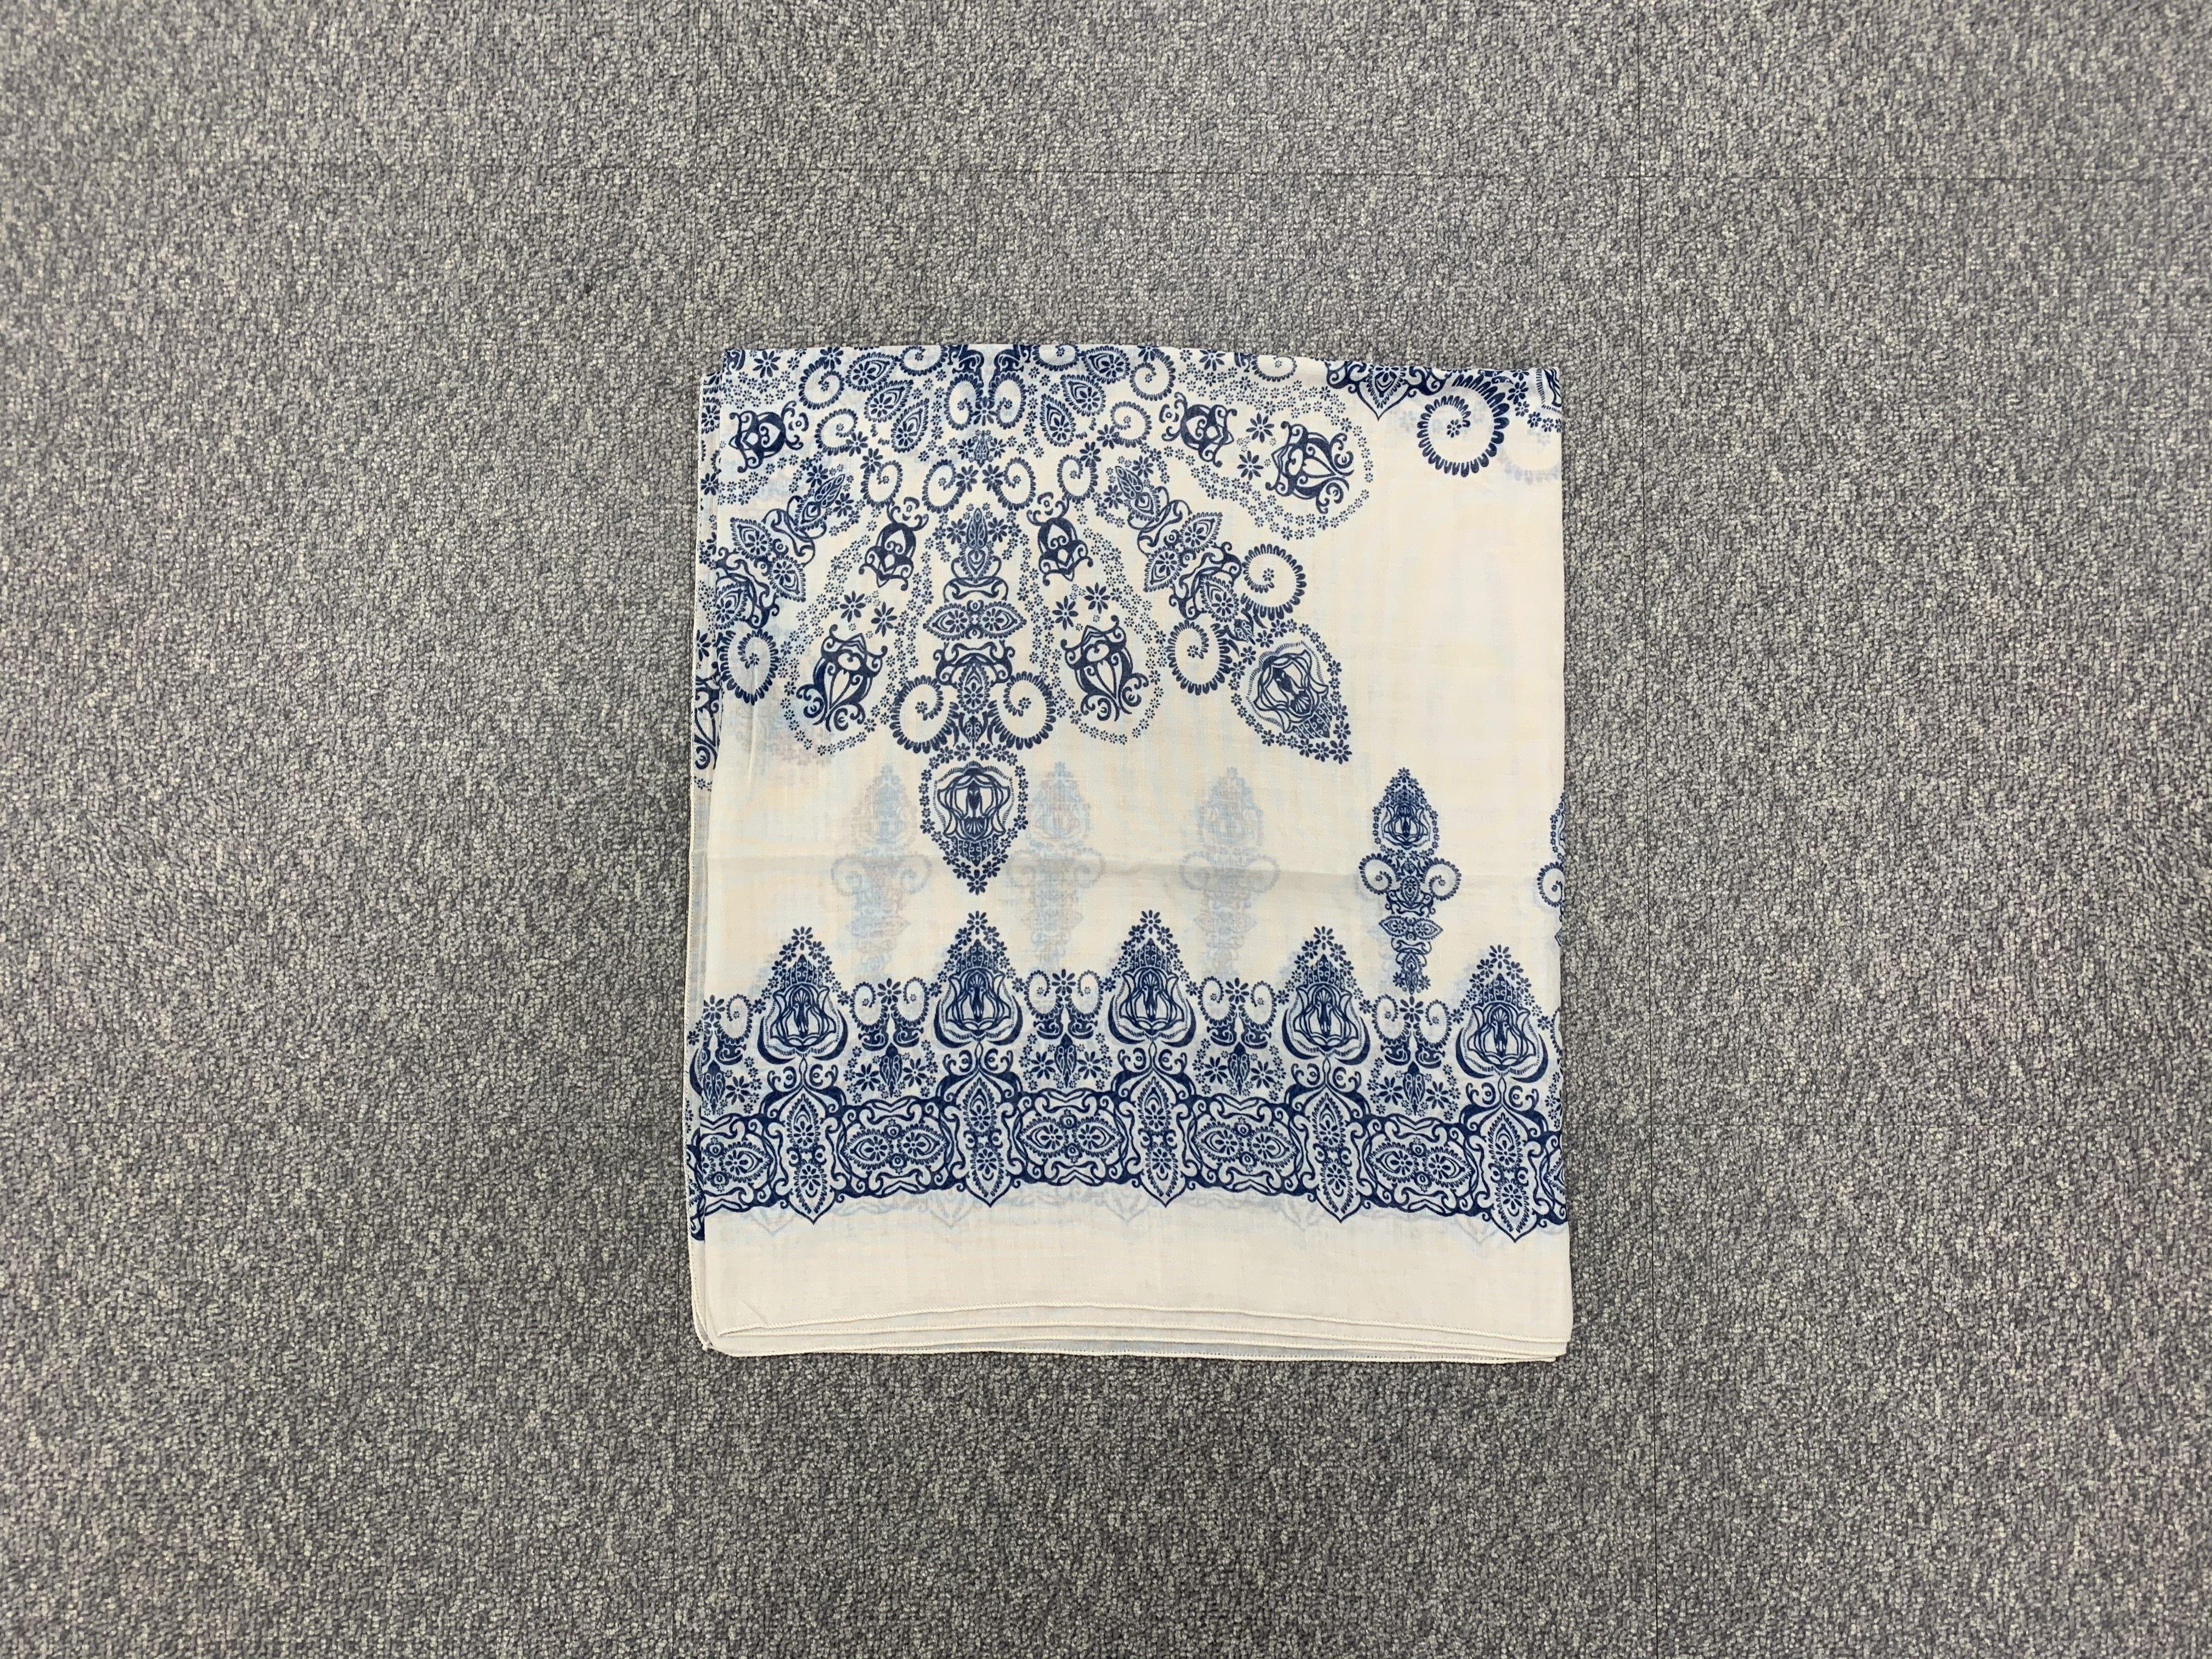 하라케케/연베이지(바비수 여성용 하라케케 롱 스카프)(가정용 섬유제품)